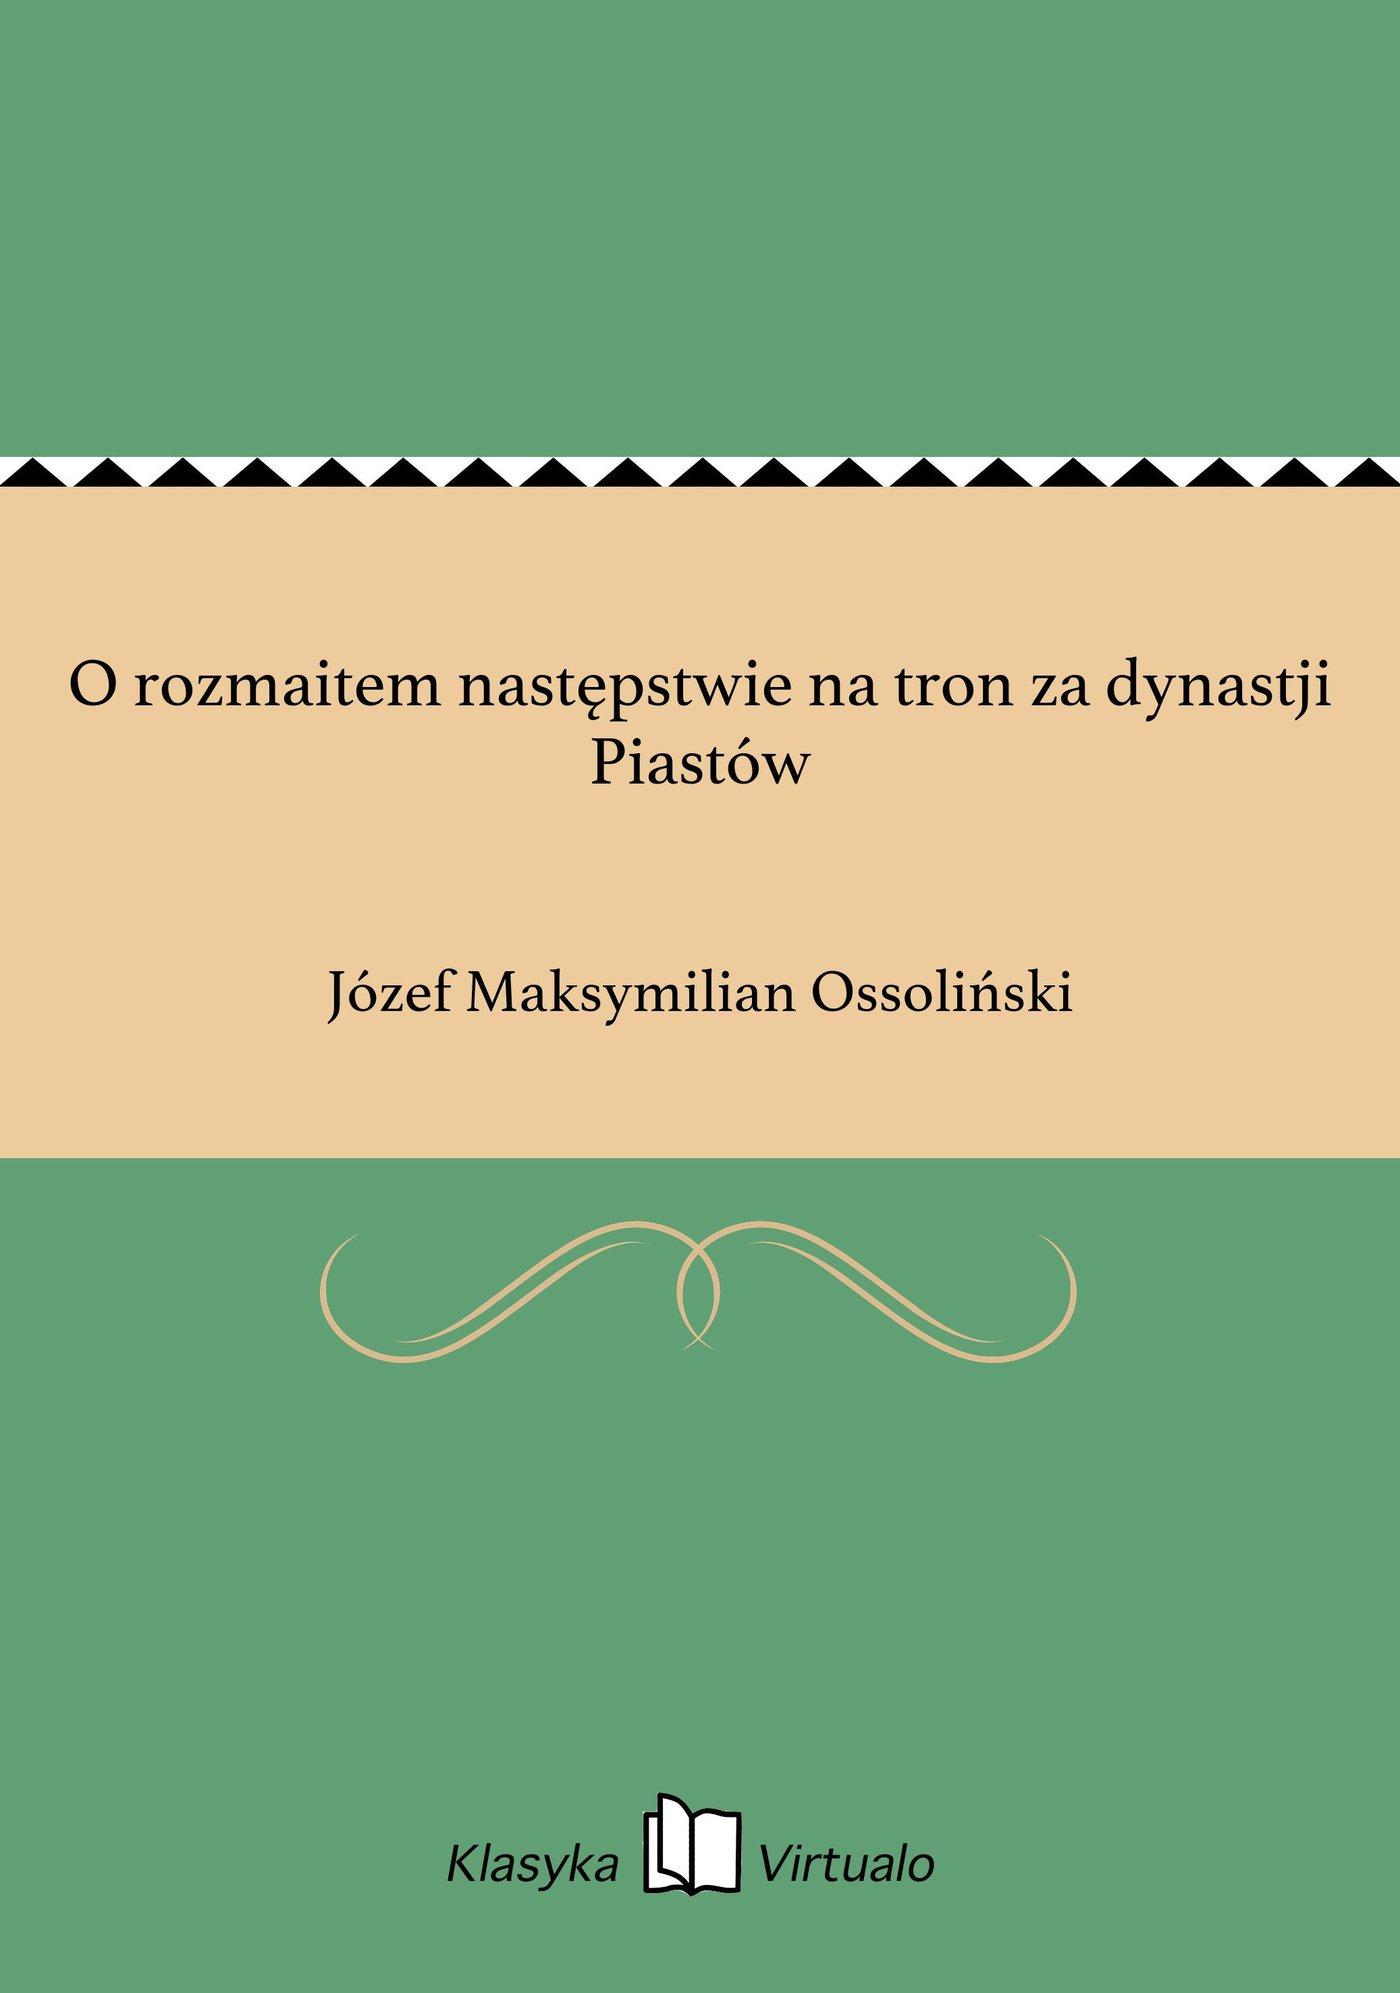 O rozmaitem następstwie na tron za dynastji Piastów - Ebook (Książka EPUB) do pobrania w formacie EPUB